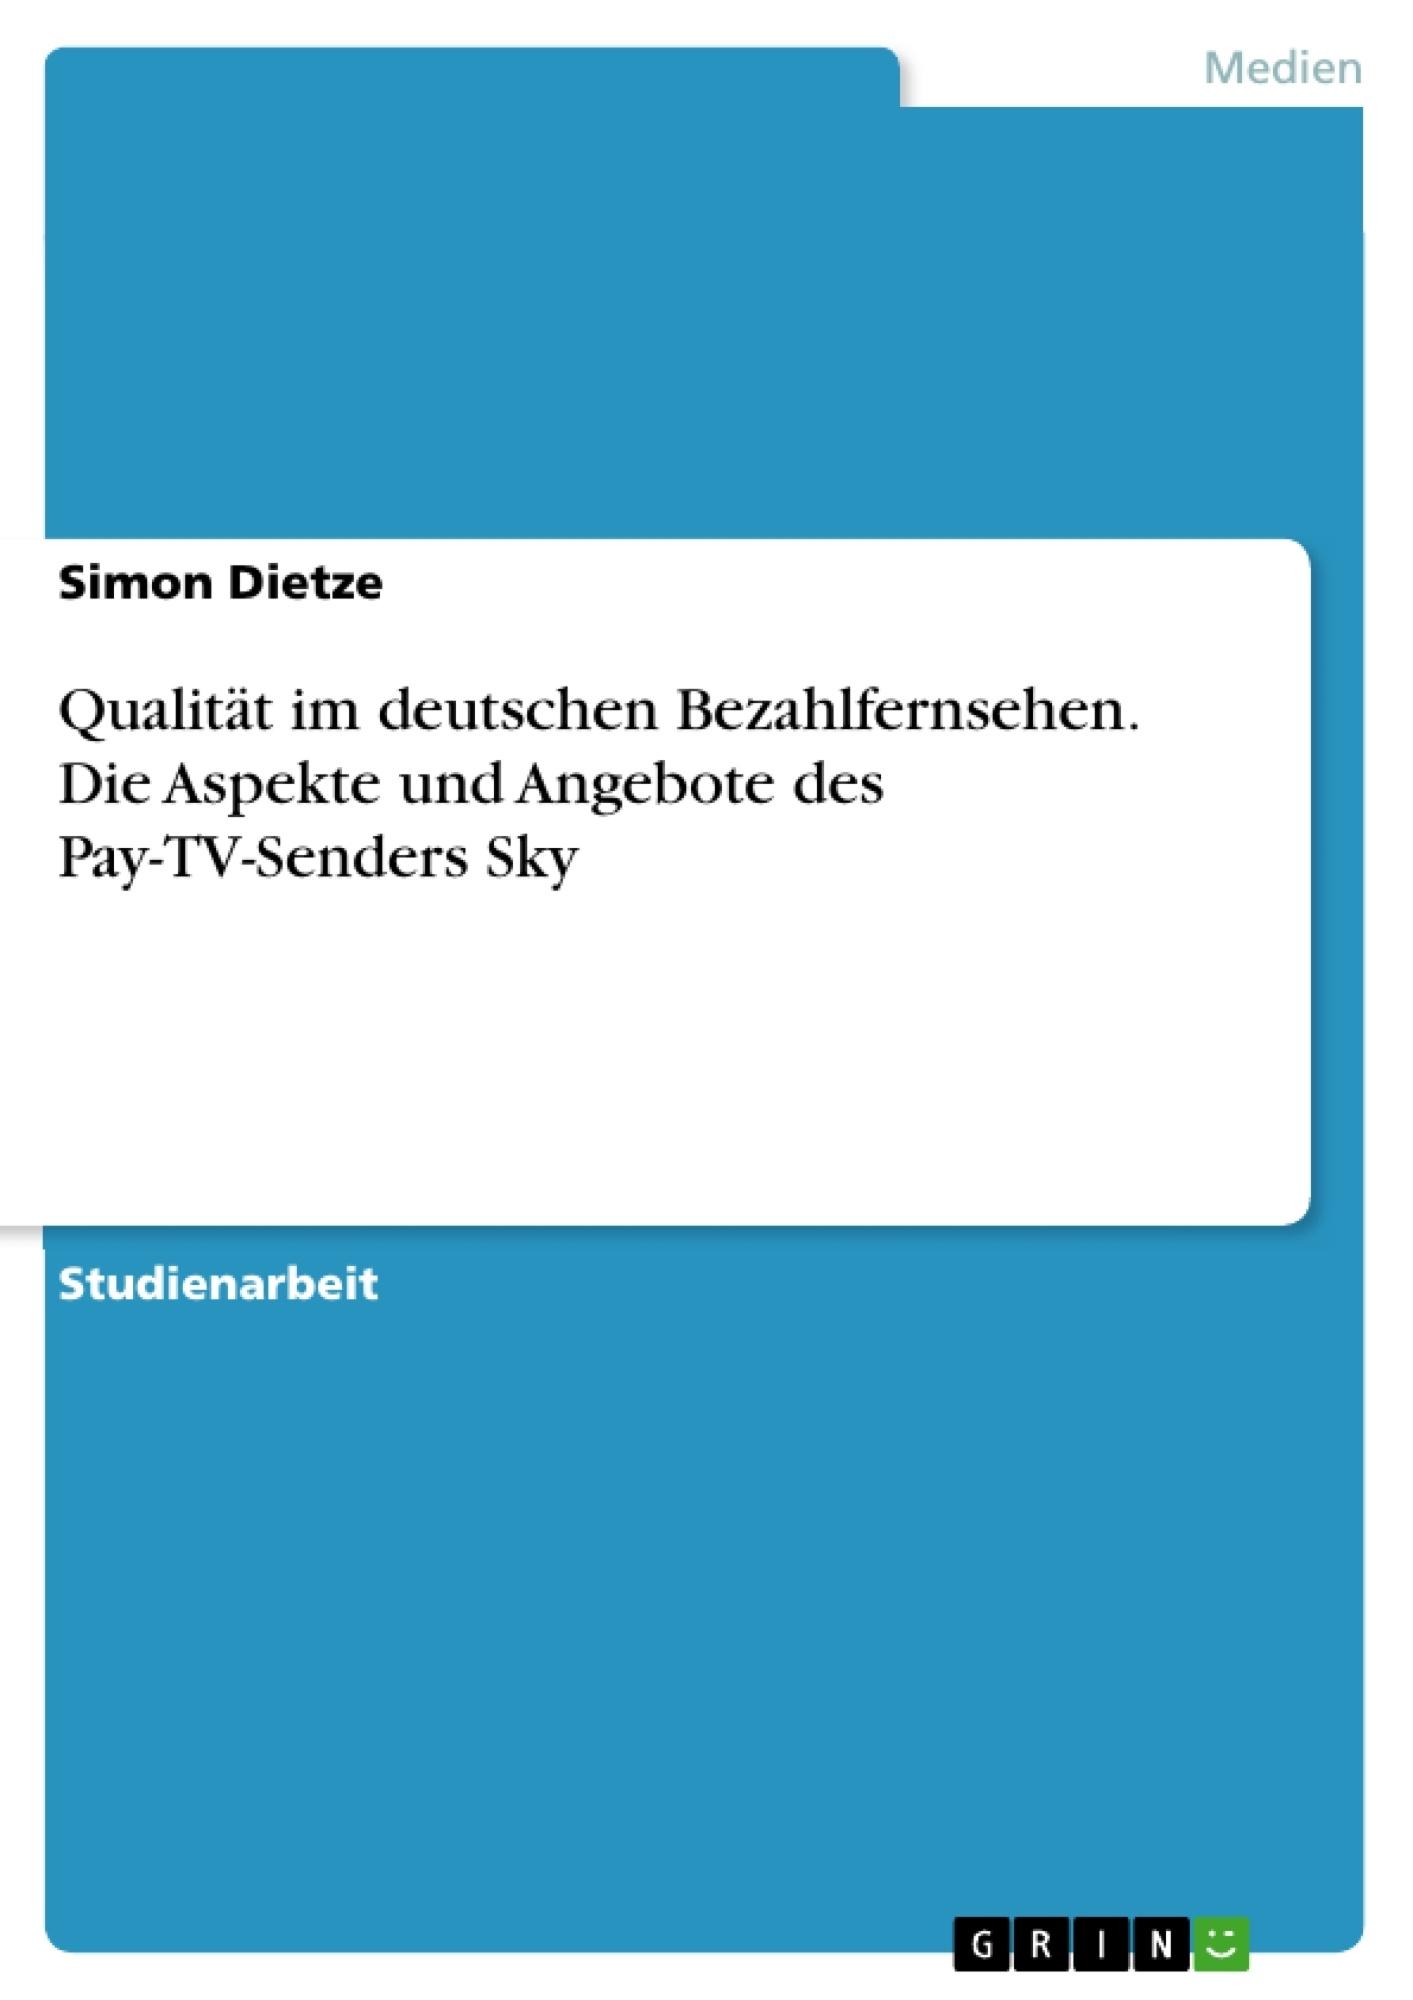 Titel: Qualität im deutschen Bezahlfernsehen. Die Aspekte und Angebote des Pay-TV-Senders Sky